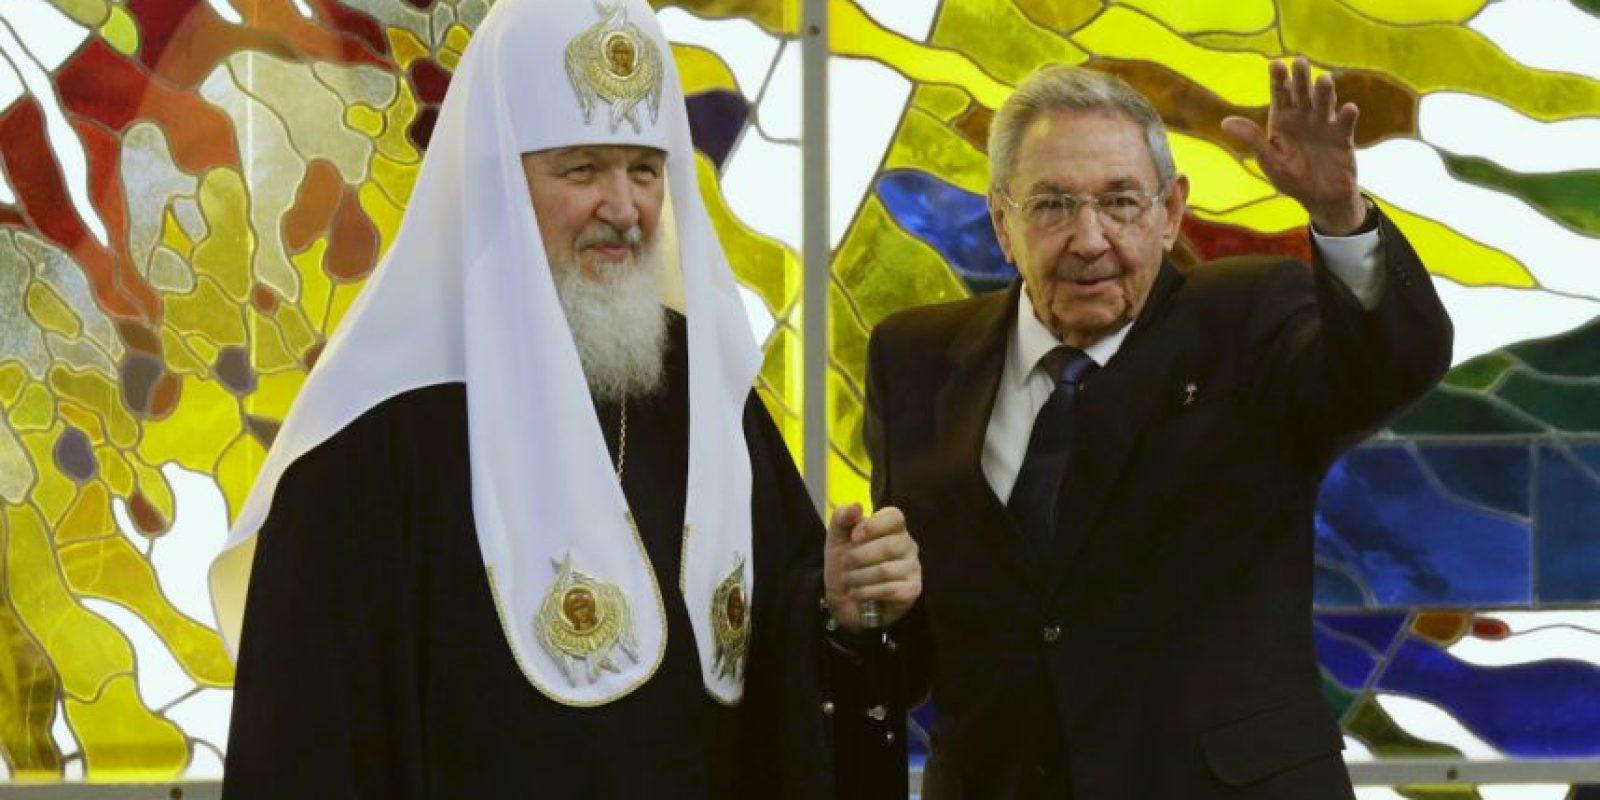 La visita del patriarca ruso a Cuba Foto:AP. Imagen Por: